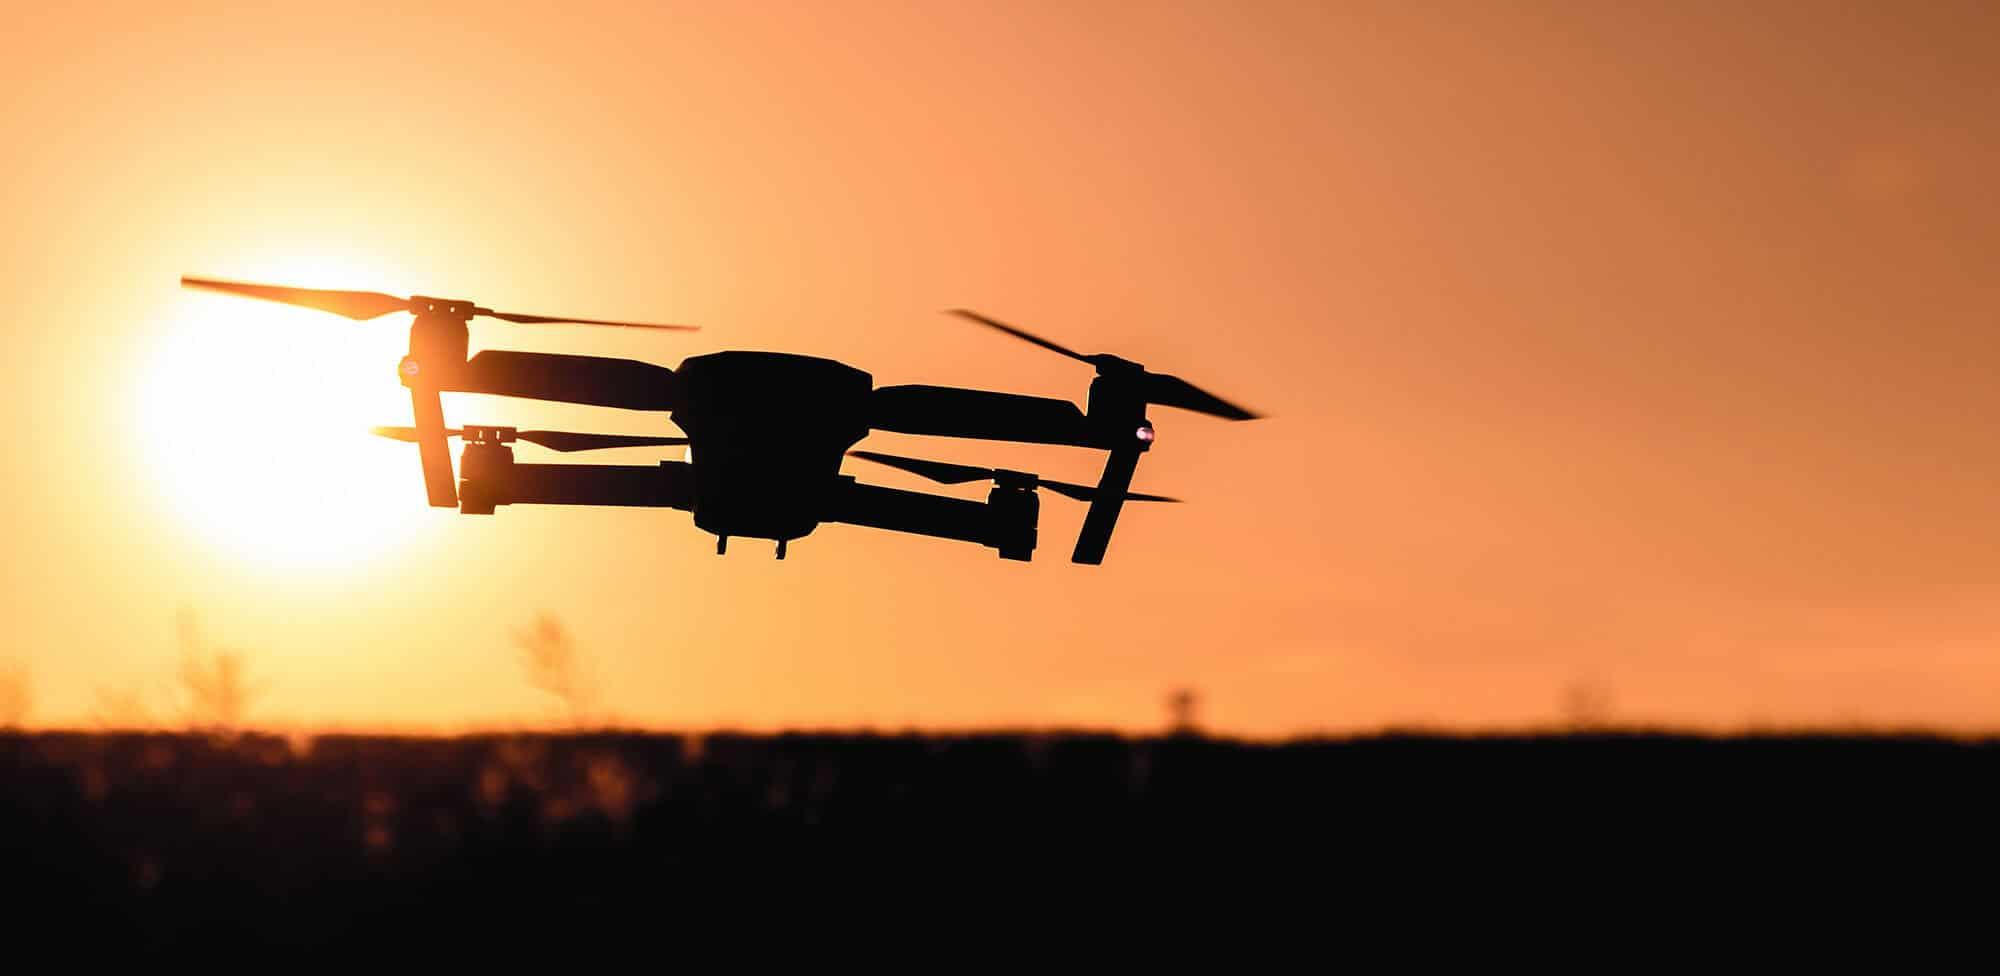 Fotografía drone con puesta de sol